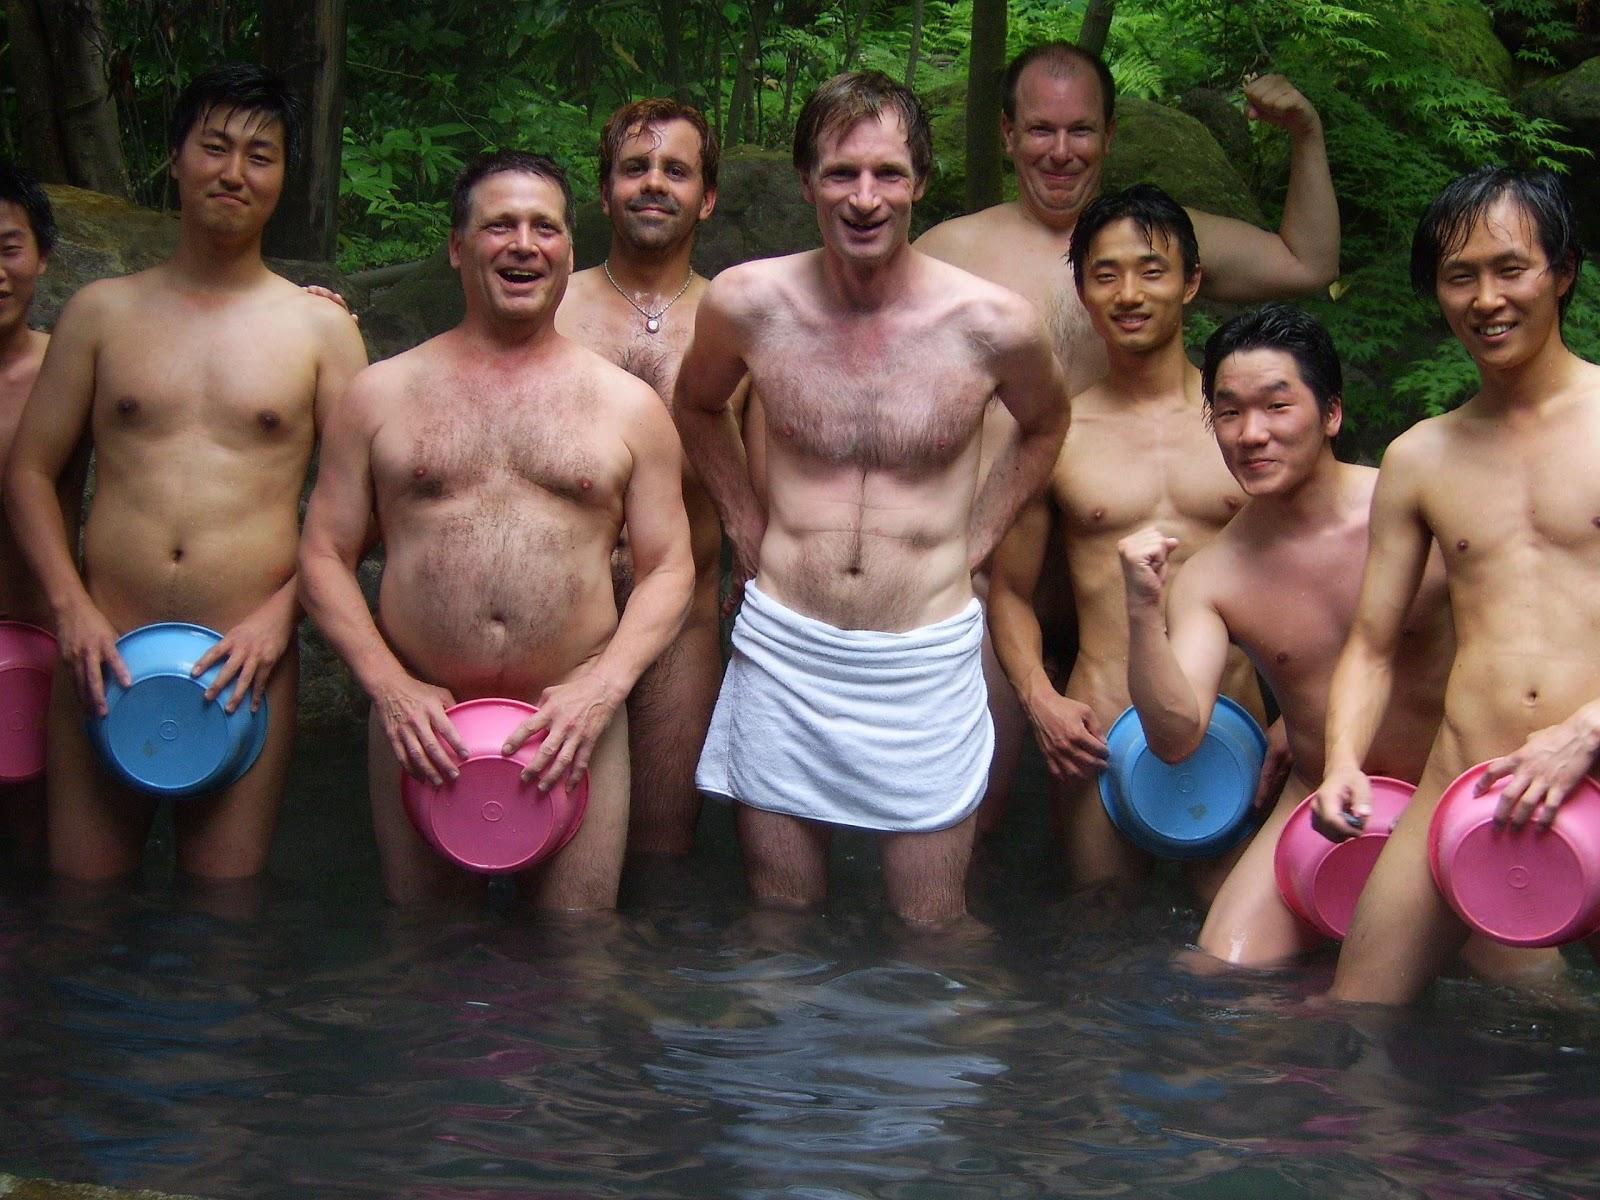 Japanese onsen nude Nude Photos 10